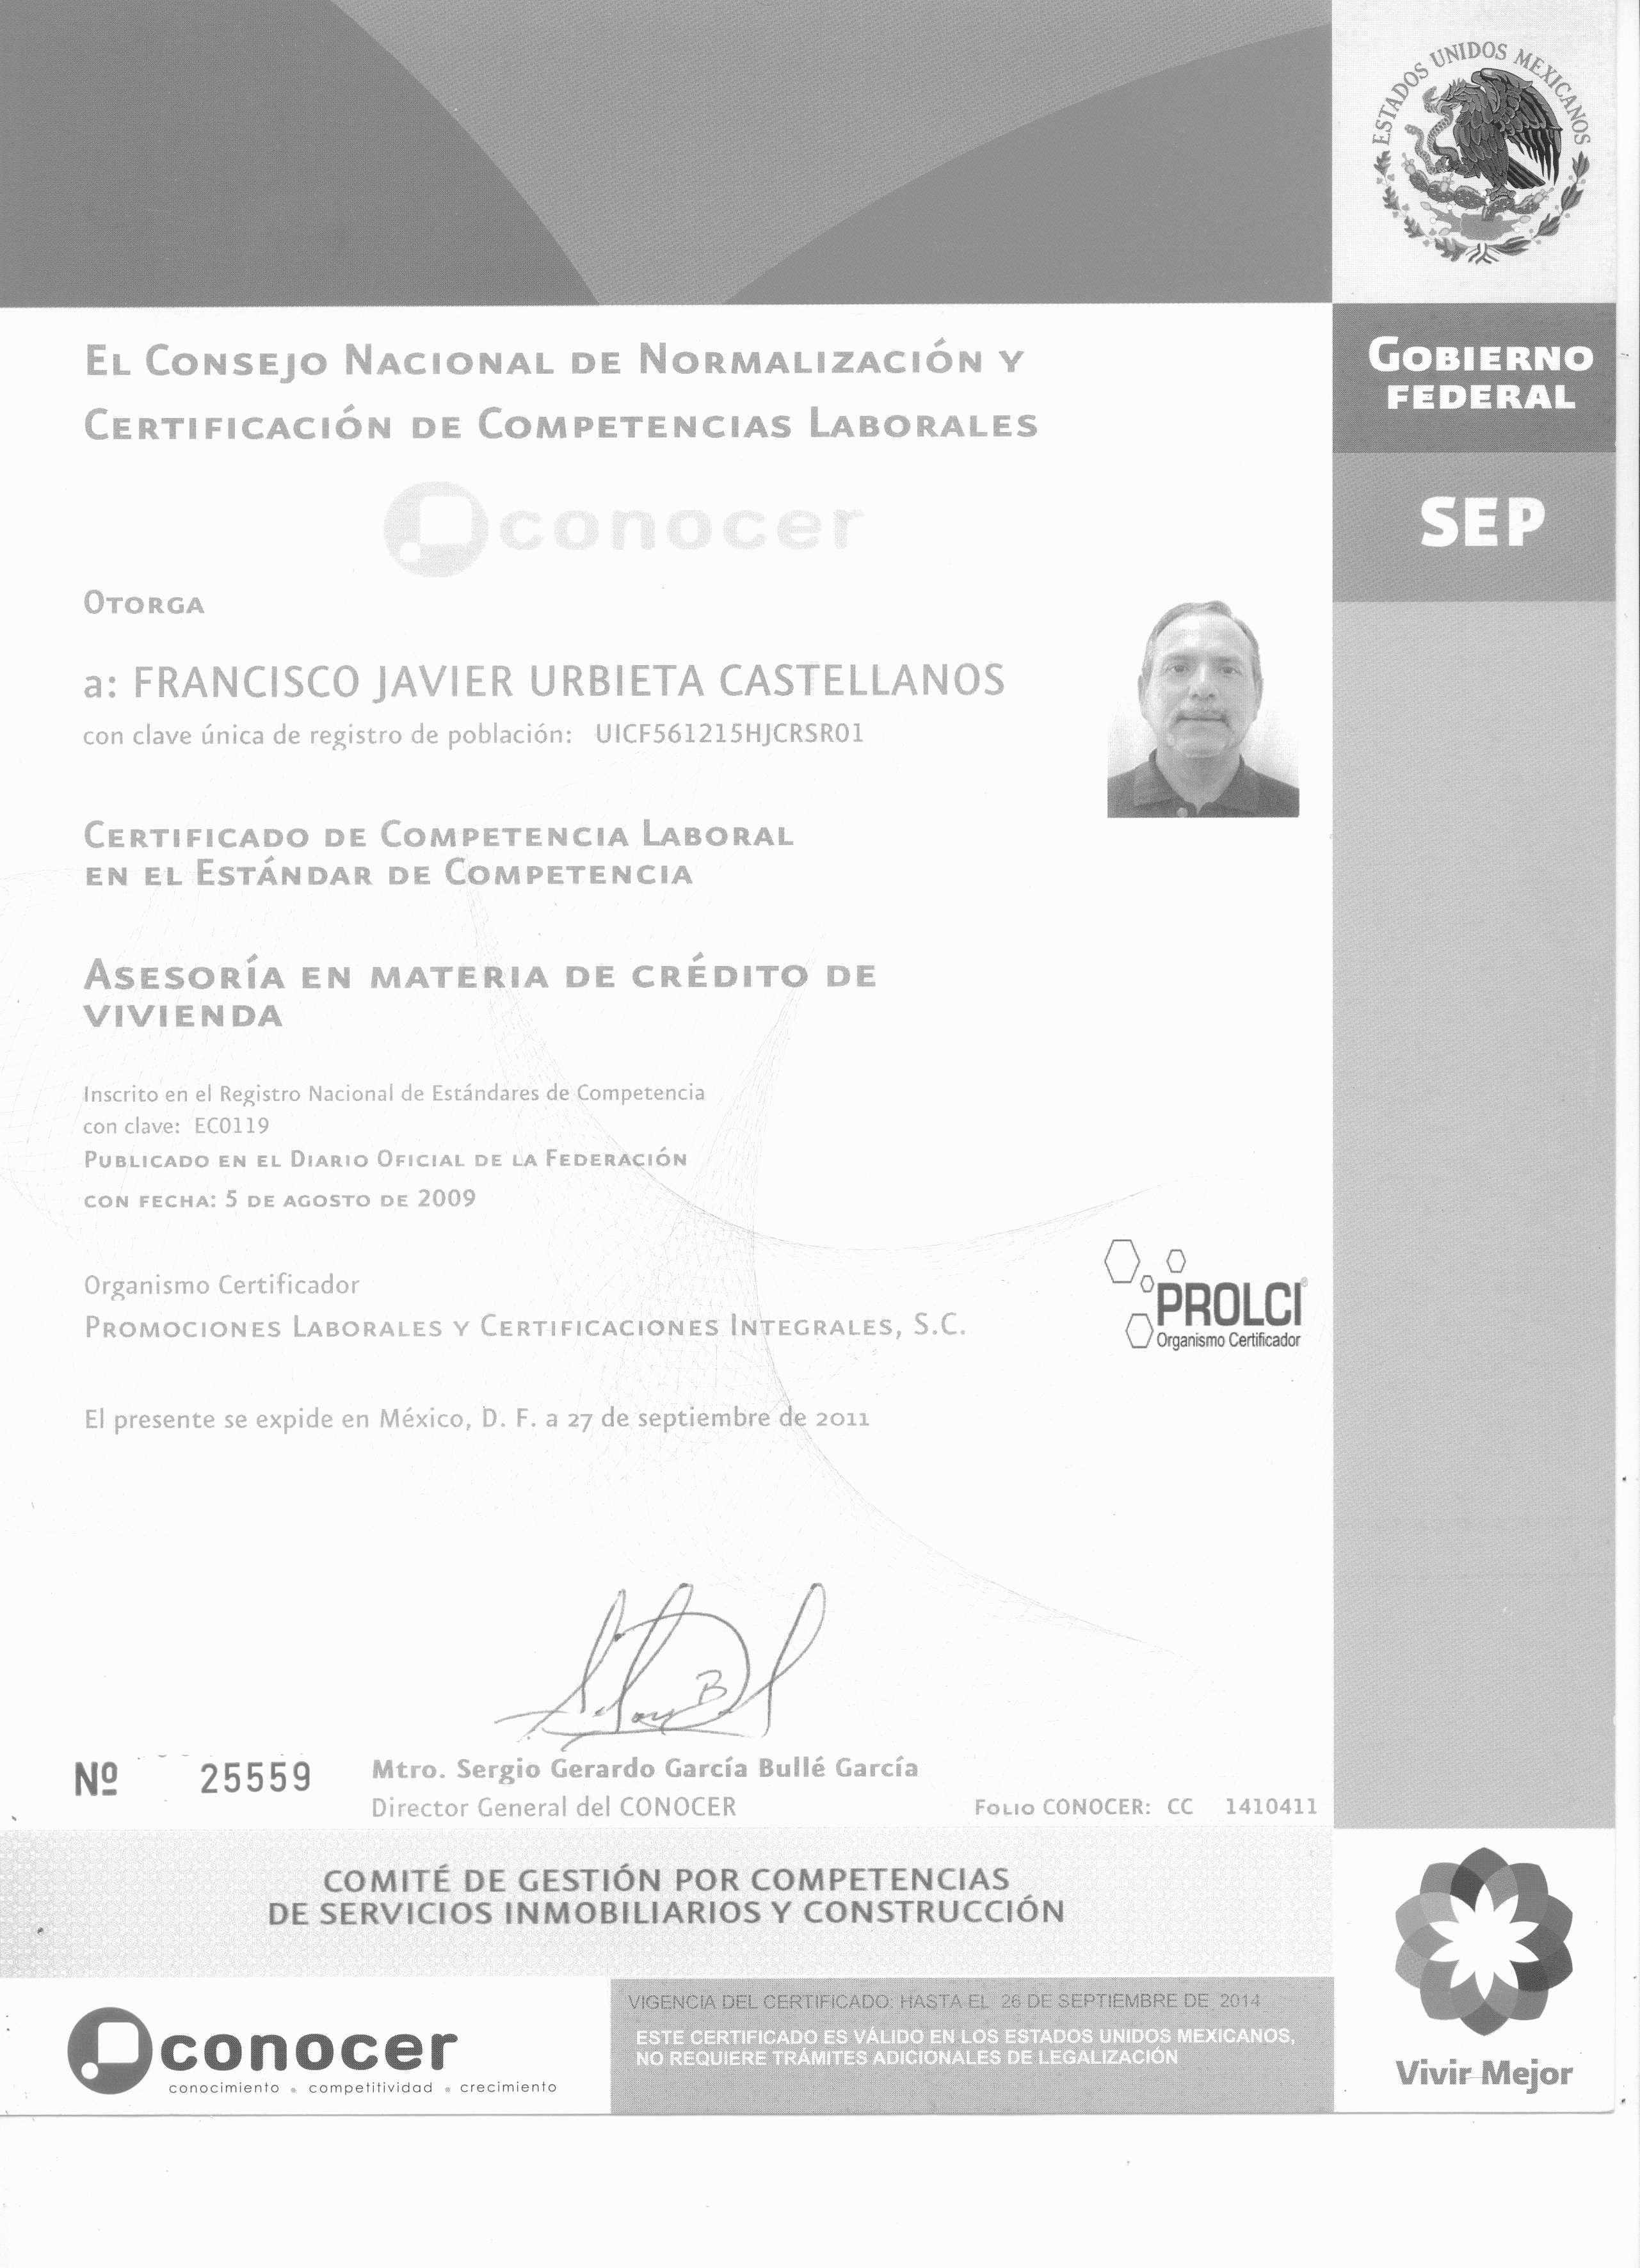 Certificacion_asesor_infonavit.jpg